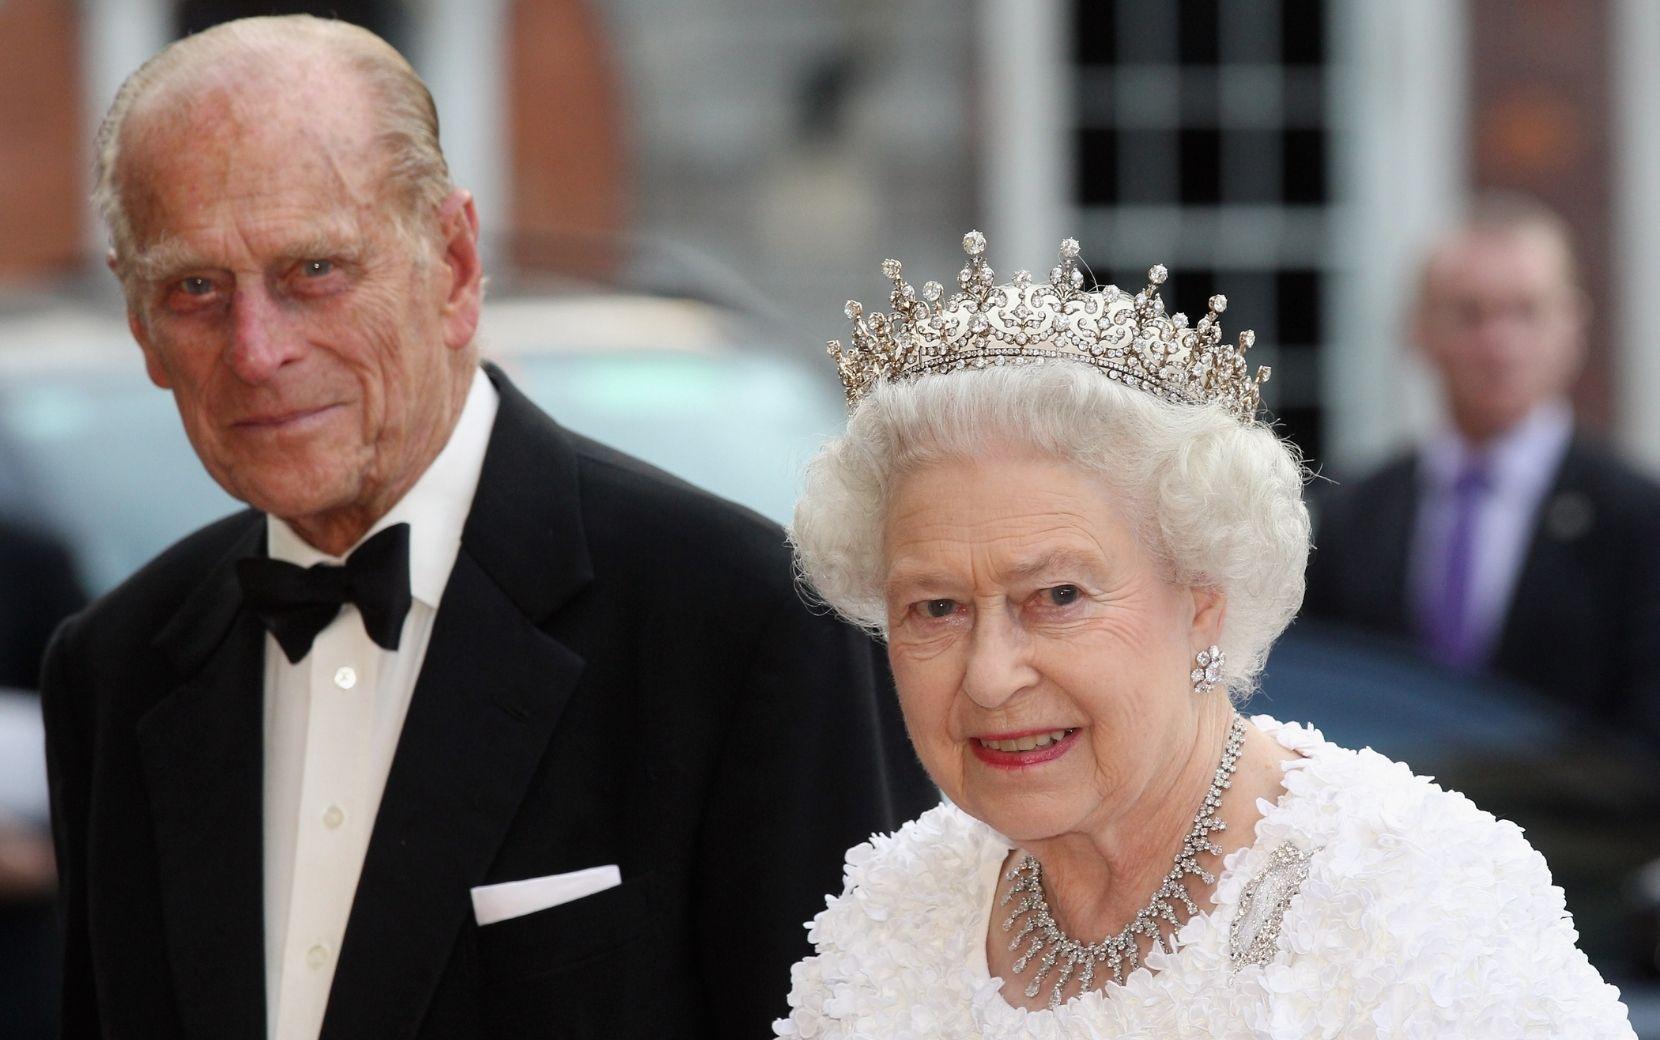 Príncipe Philip, marido da rainha Elizabeth II, morre aos 99